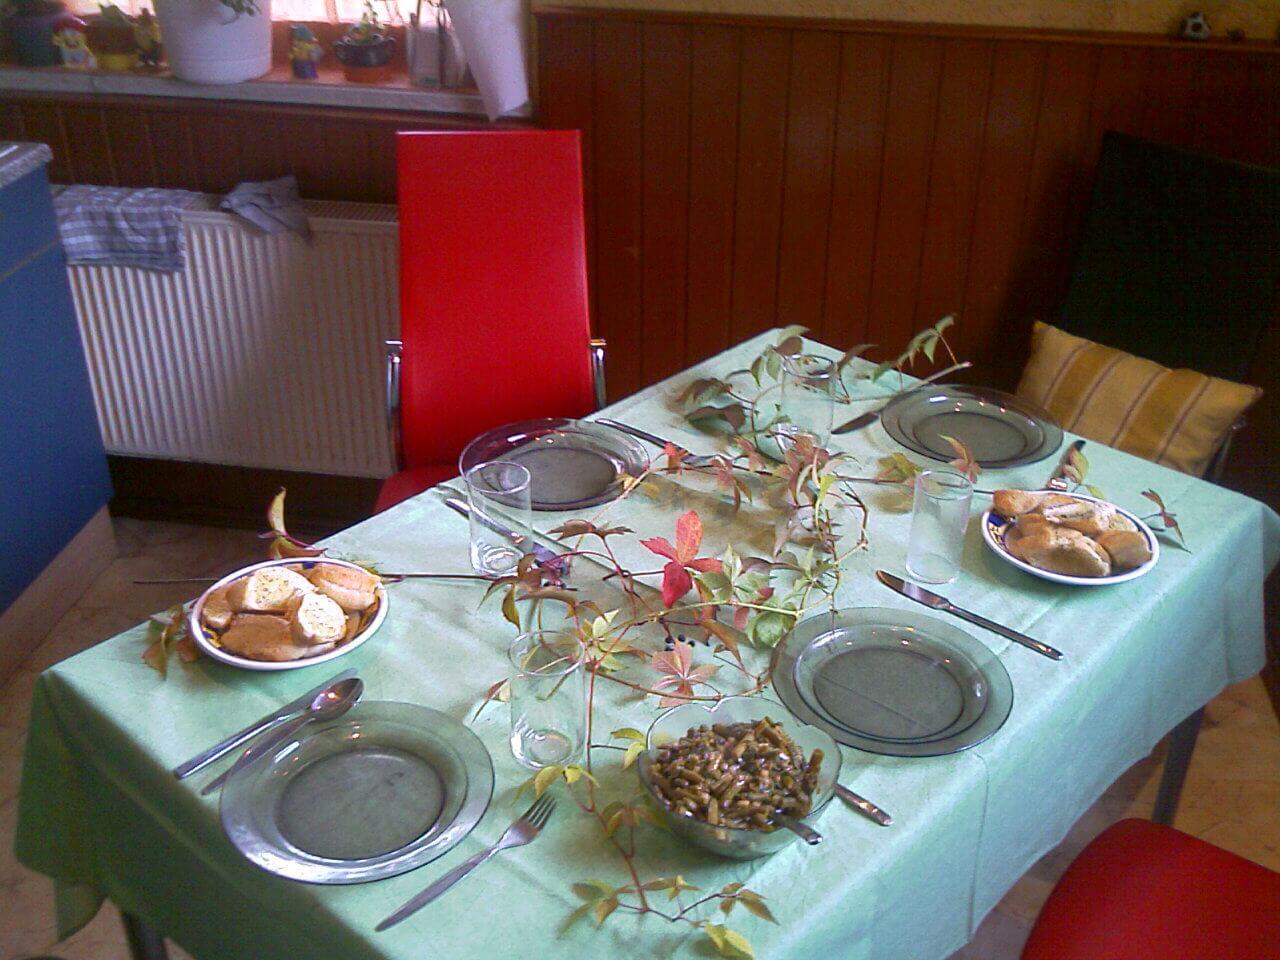 Essen gedeckter Tisch Dekoration (c) familienfreund.de